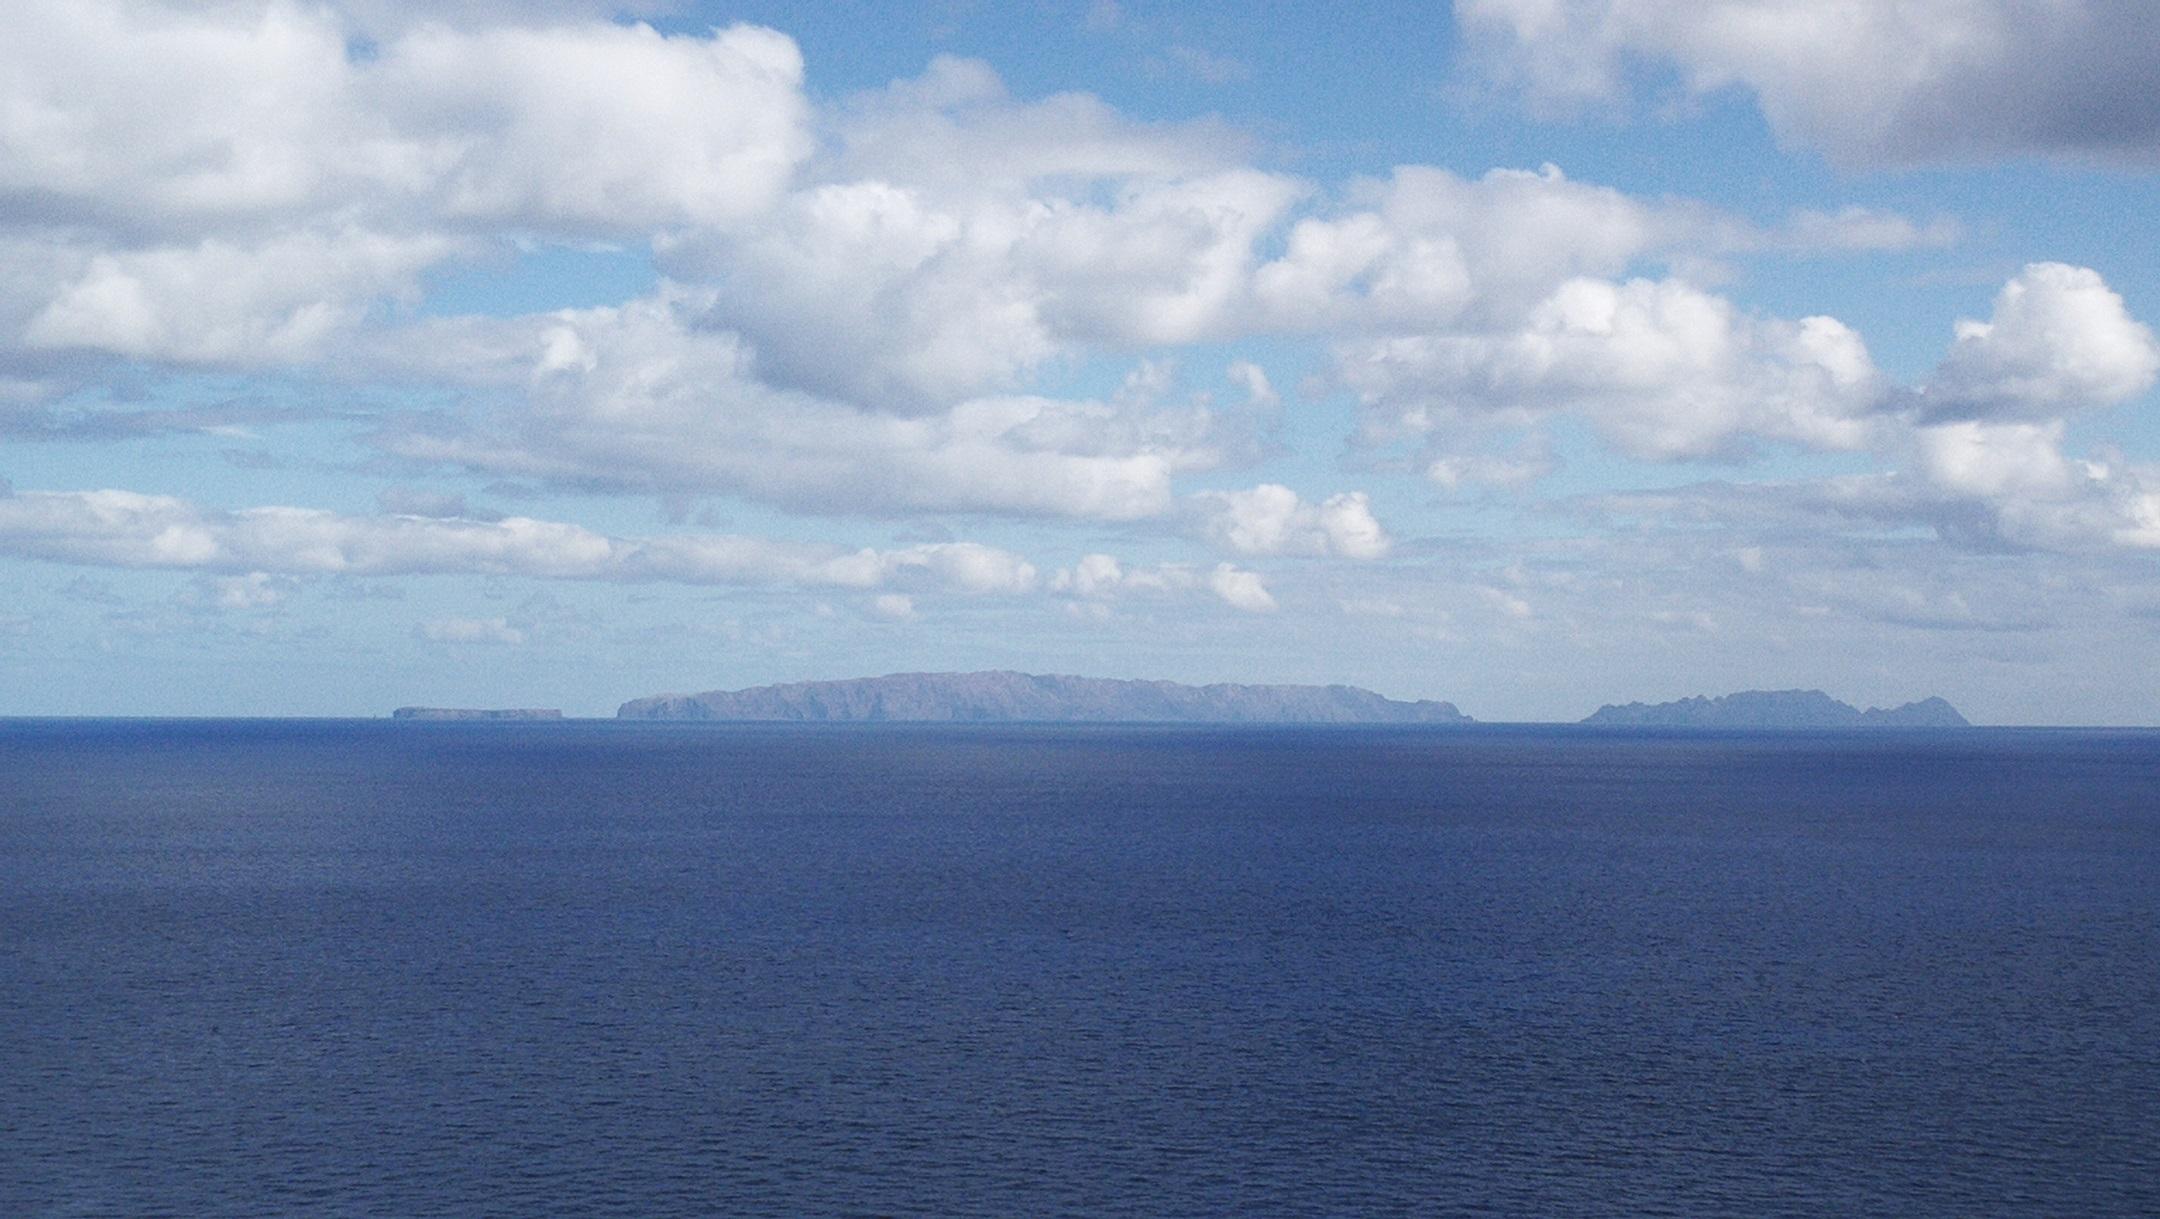 Ilhas Desertas, vagyis a Kopár-szigetek